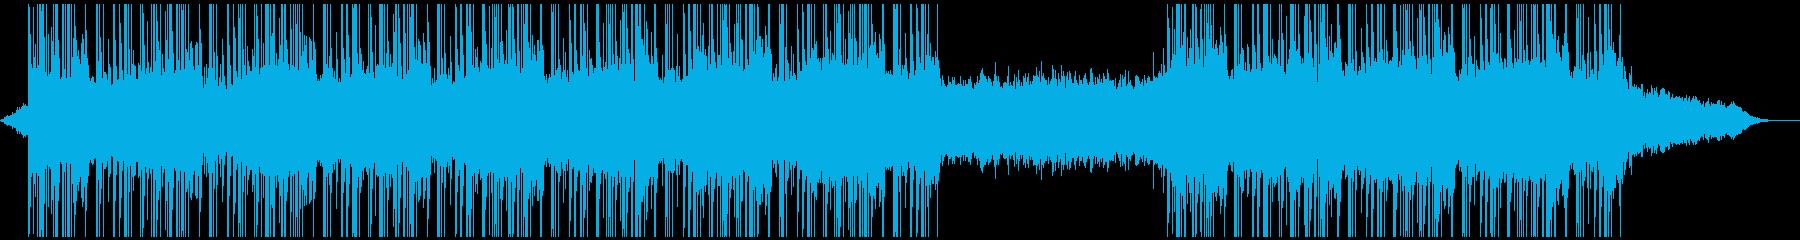 ポップ テクノ アンビエント ダブ...の再生済みの波形